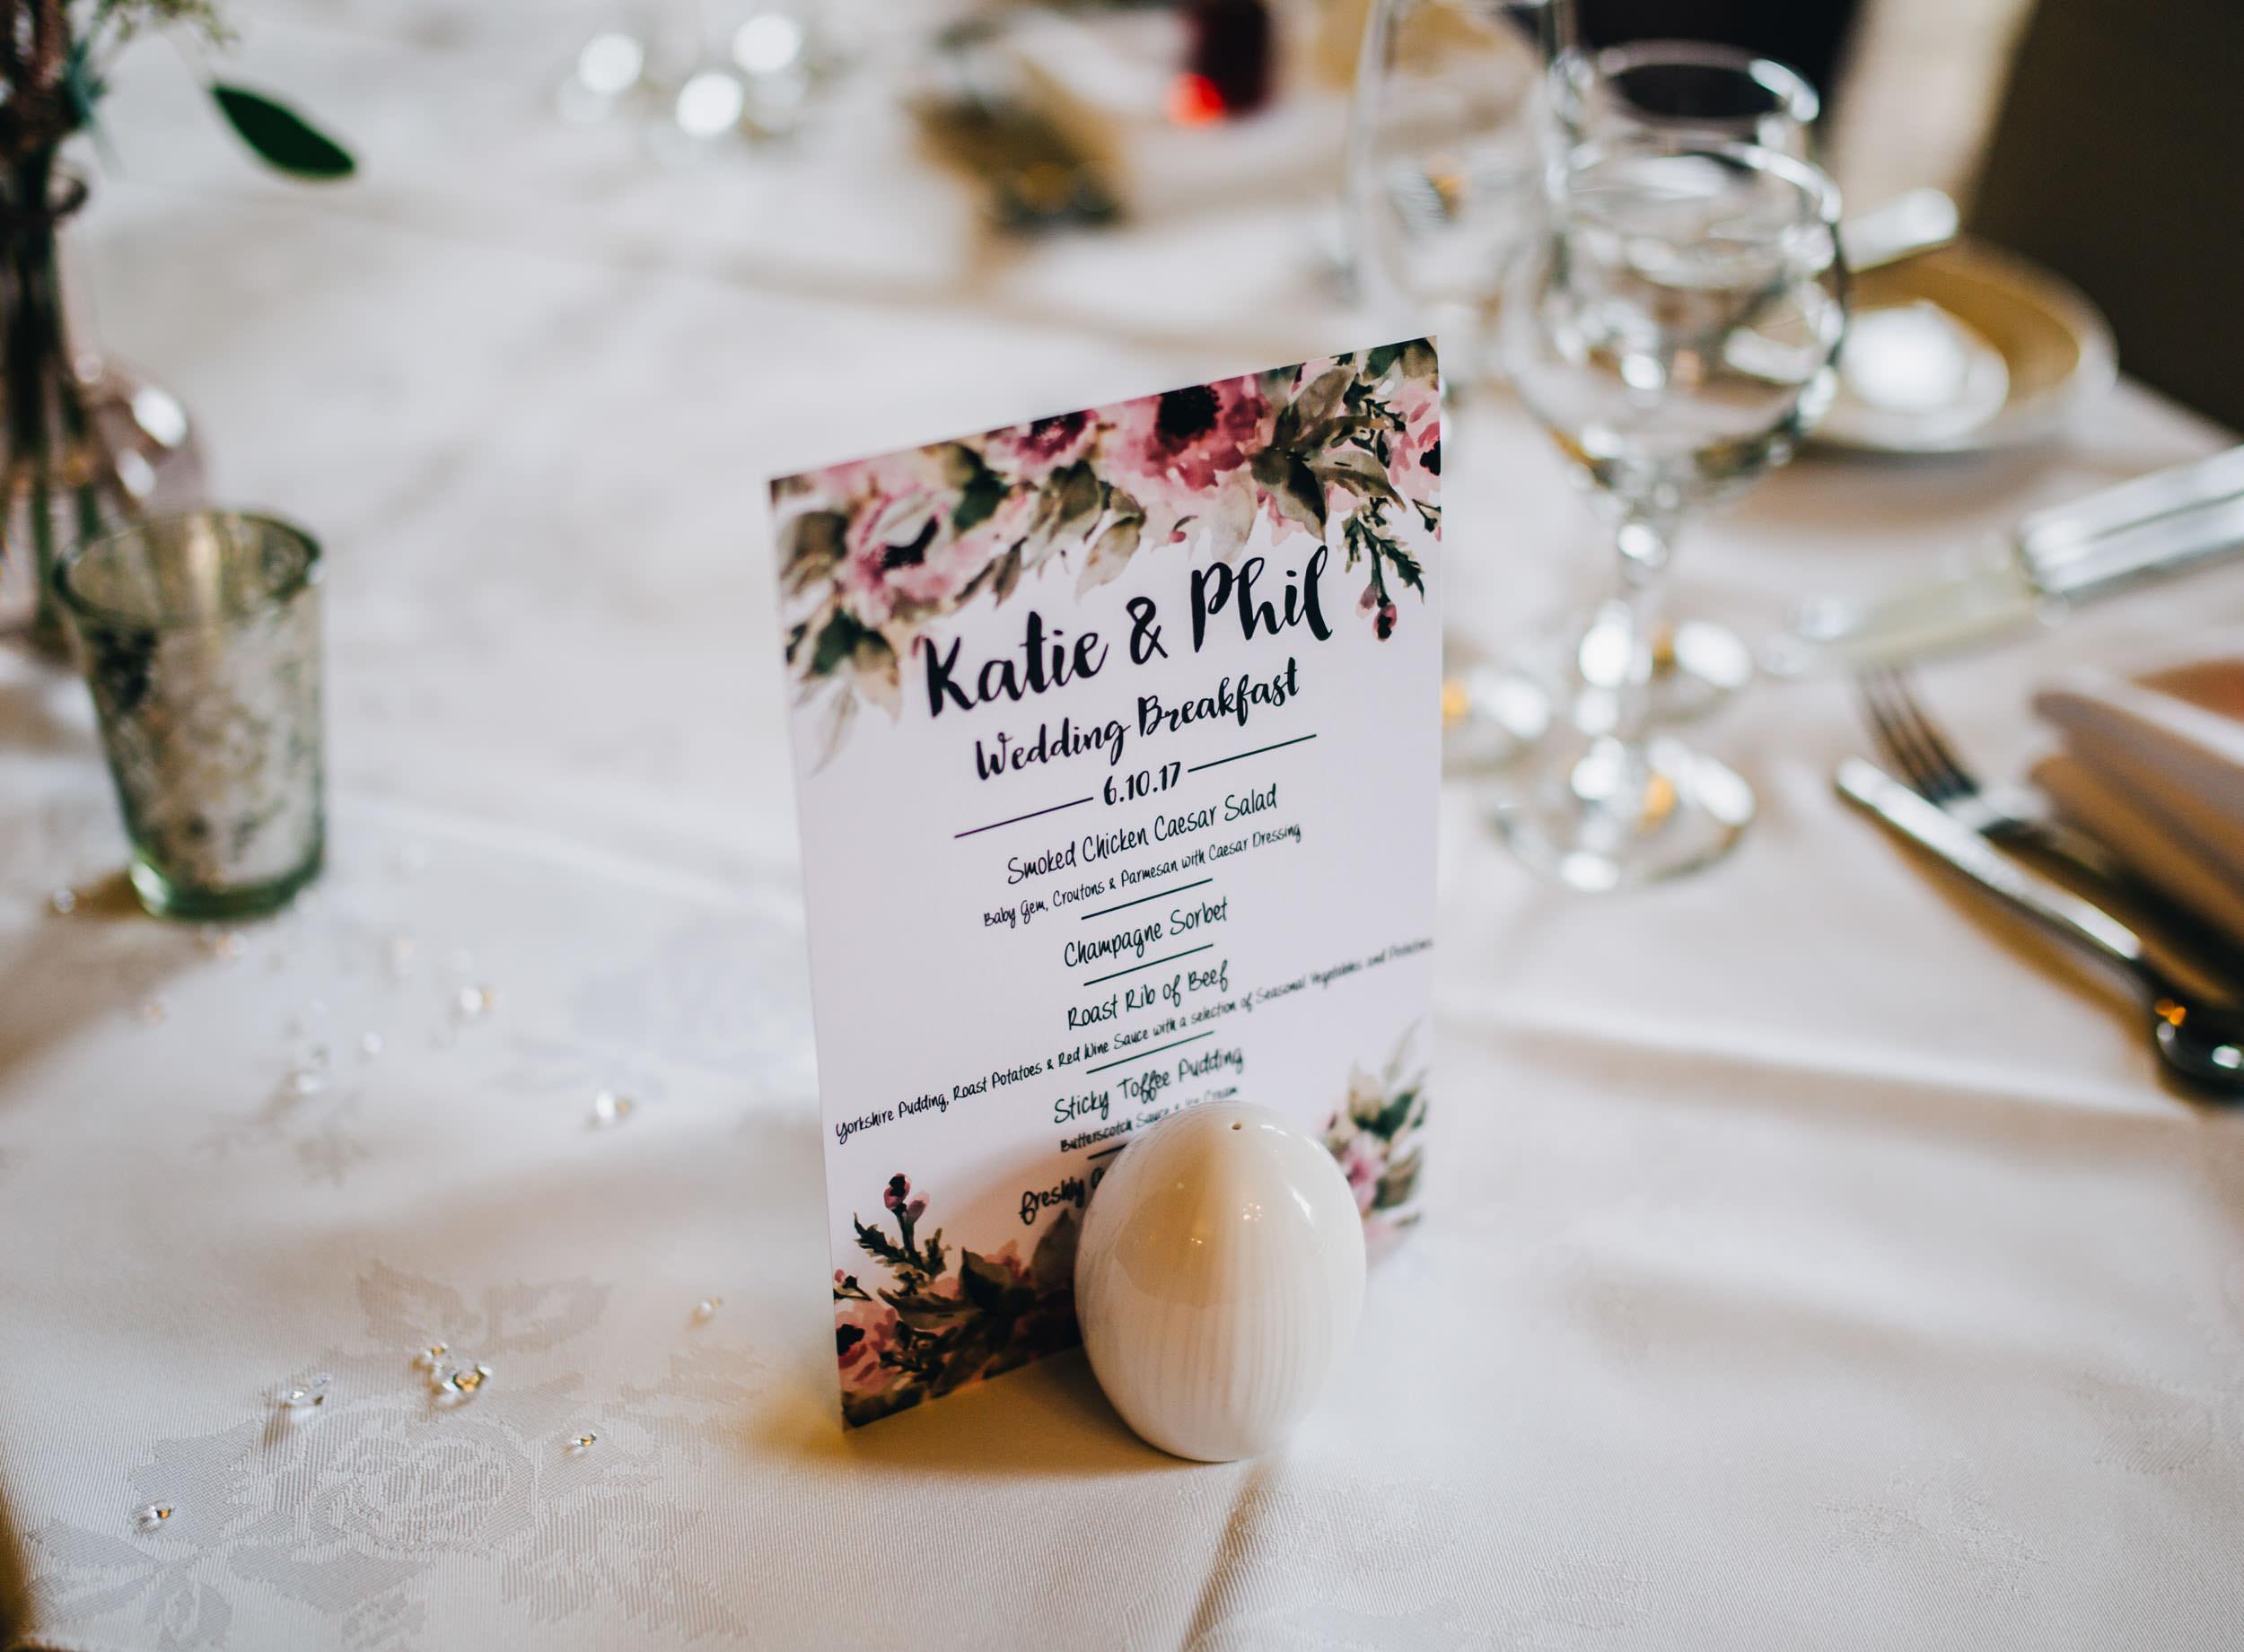 botanical themed wedding decor